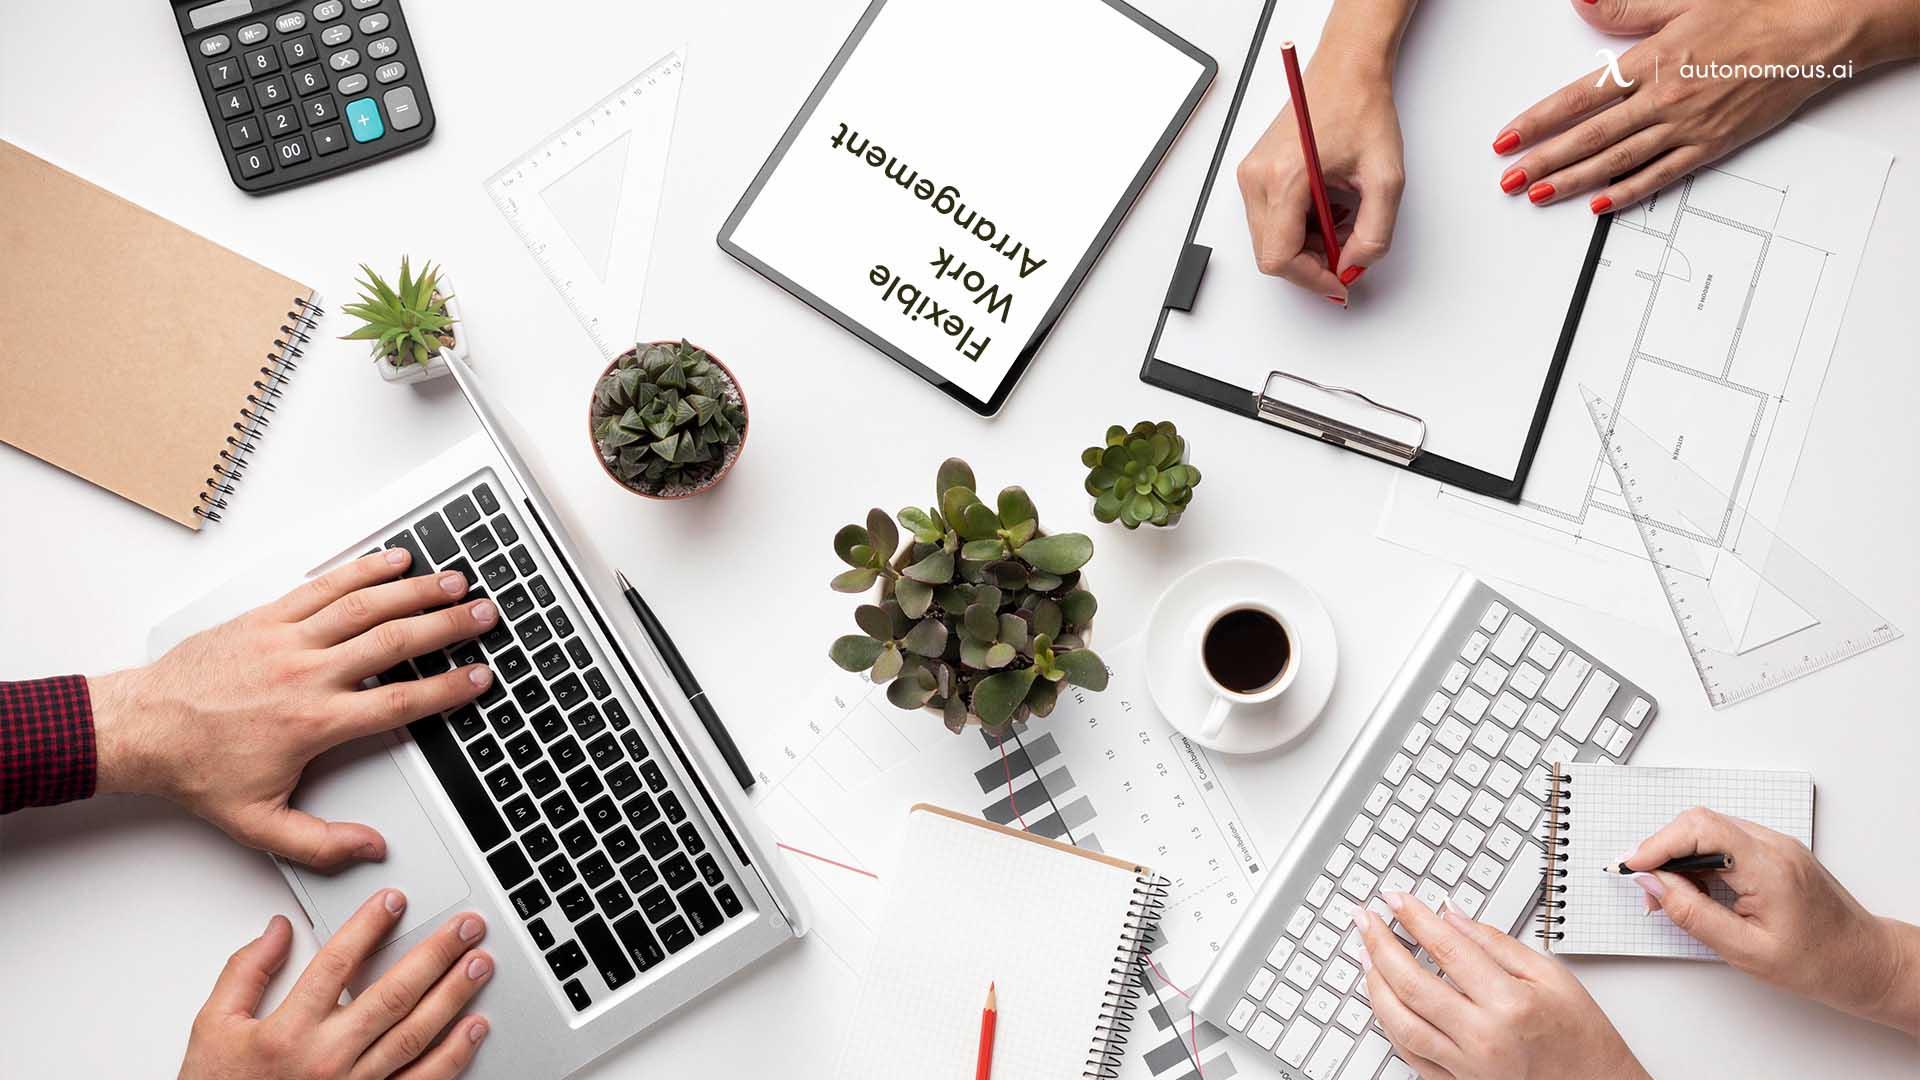 Flexible Working Arrangements